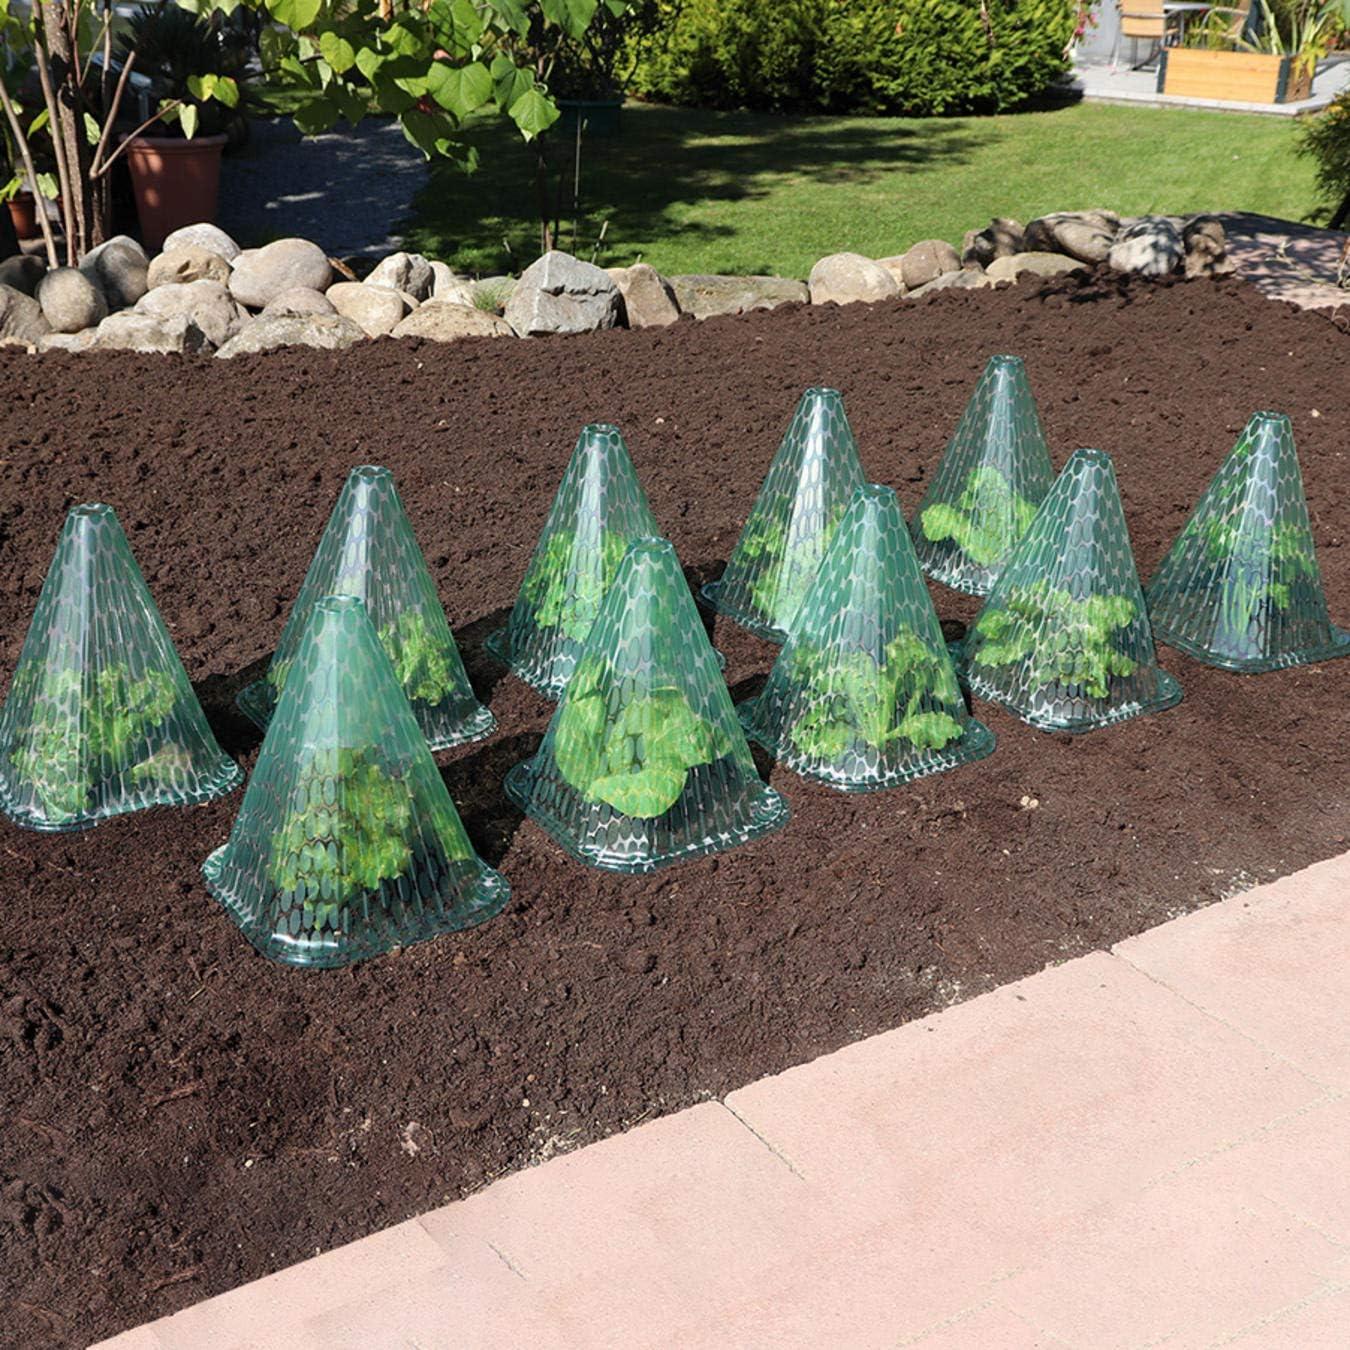 Sonnenhut 10 Stück Pflanzenhut Pflanzenschutz Haube Schutzhaube Hagelschutz